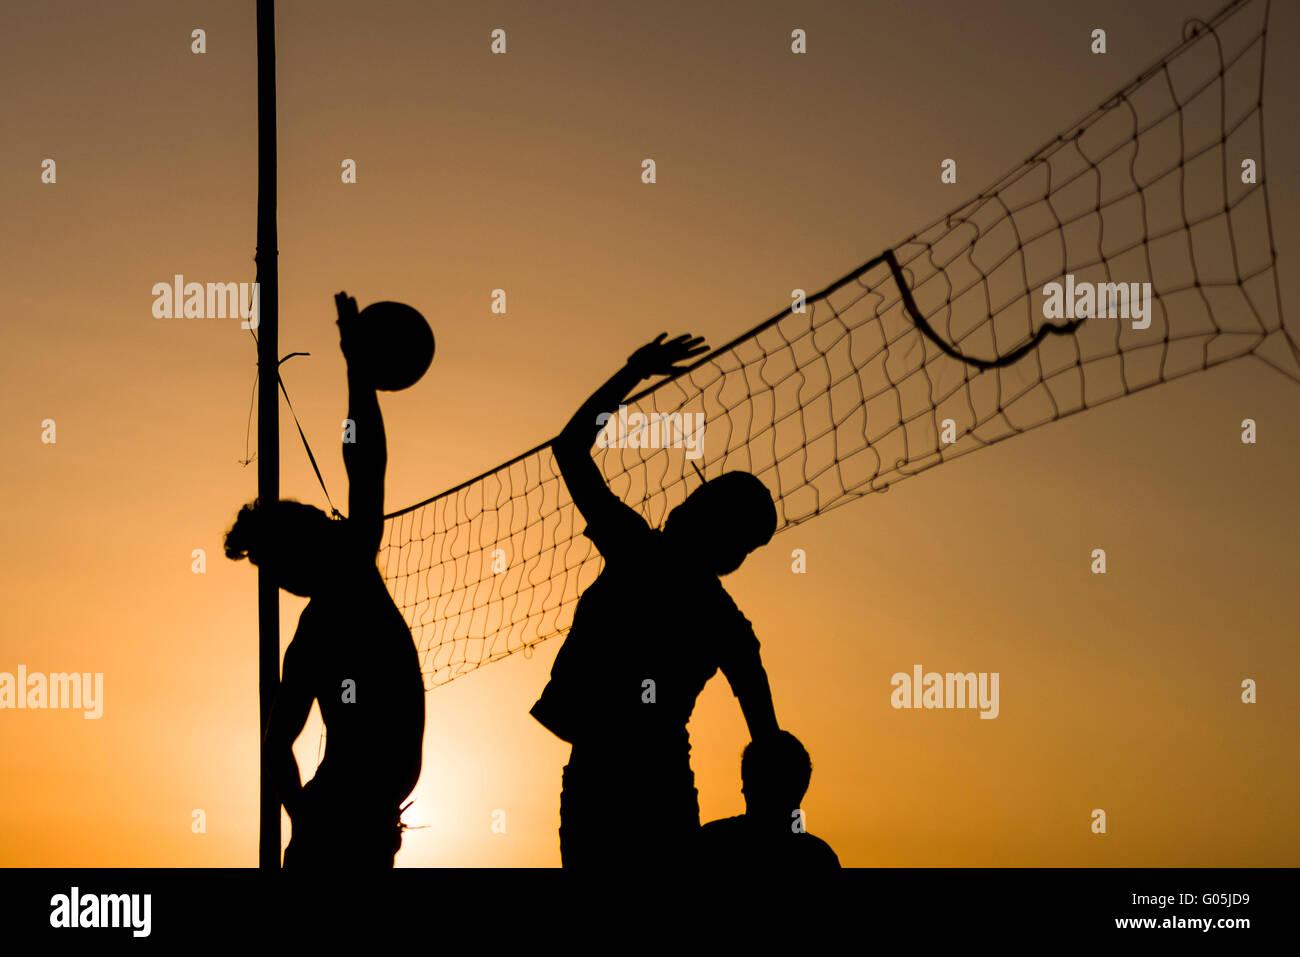 La pallavolo giocando persone sagome con vollayball e net. Immagini Stock